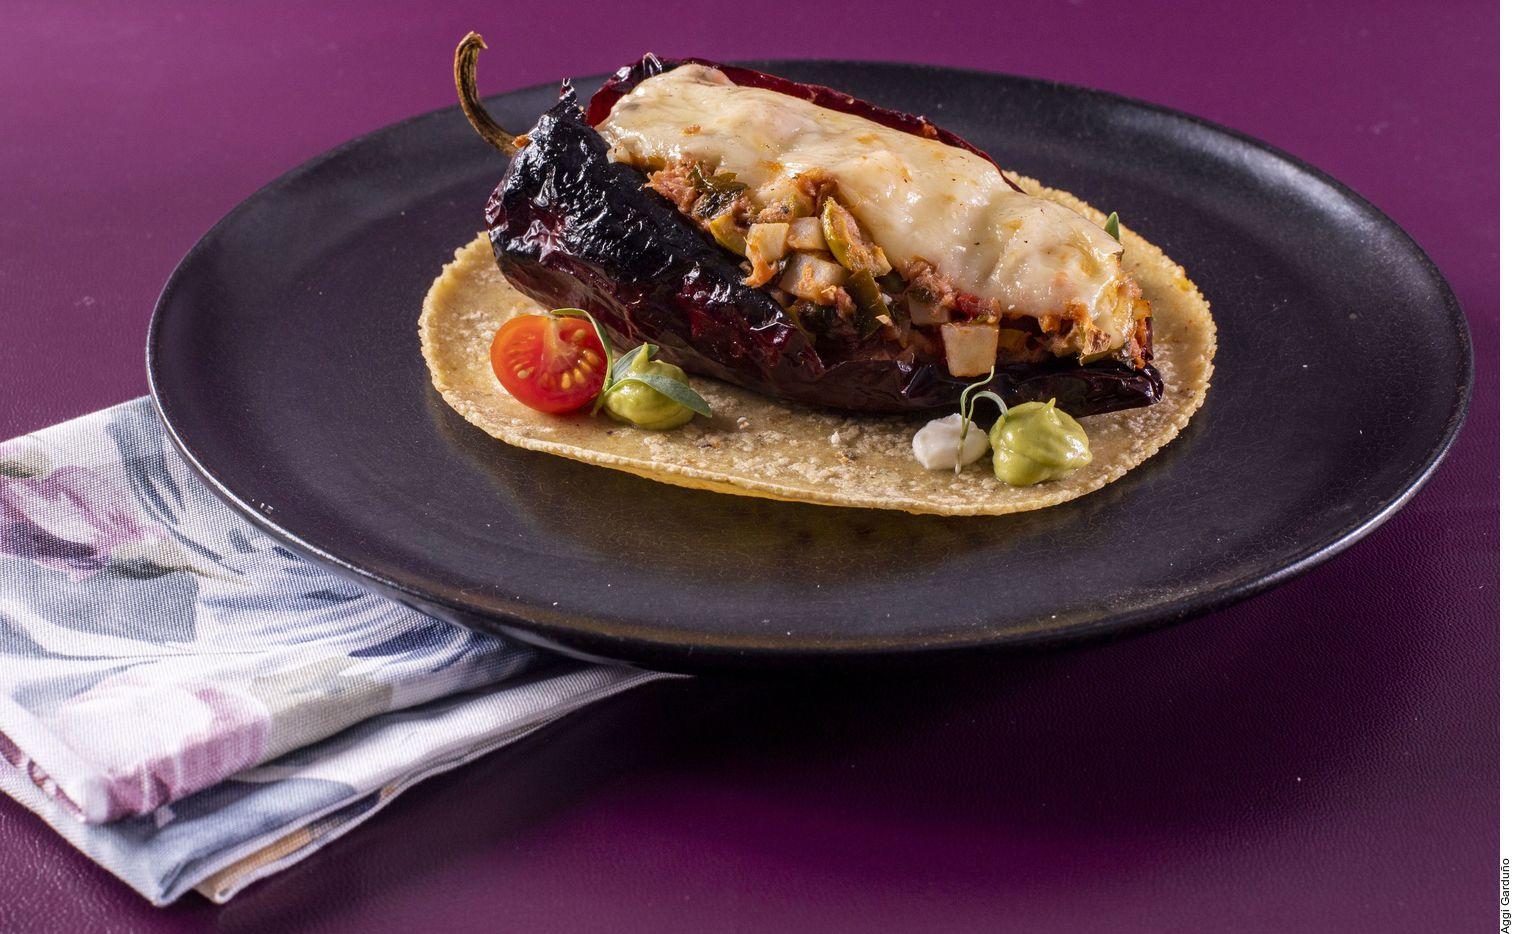 El taquito de chile ancho relleno de atún y queso asadero los puede lograr al rellenar los chiles con el atún. Colocar una rebanada de queso encima y gratinar. Servir sobre las tortillas calientes.